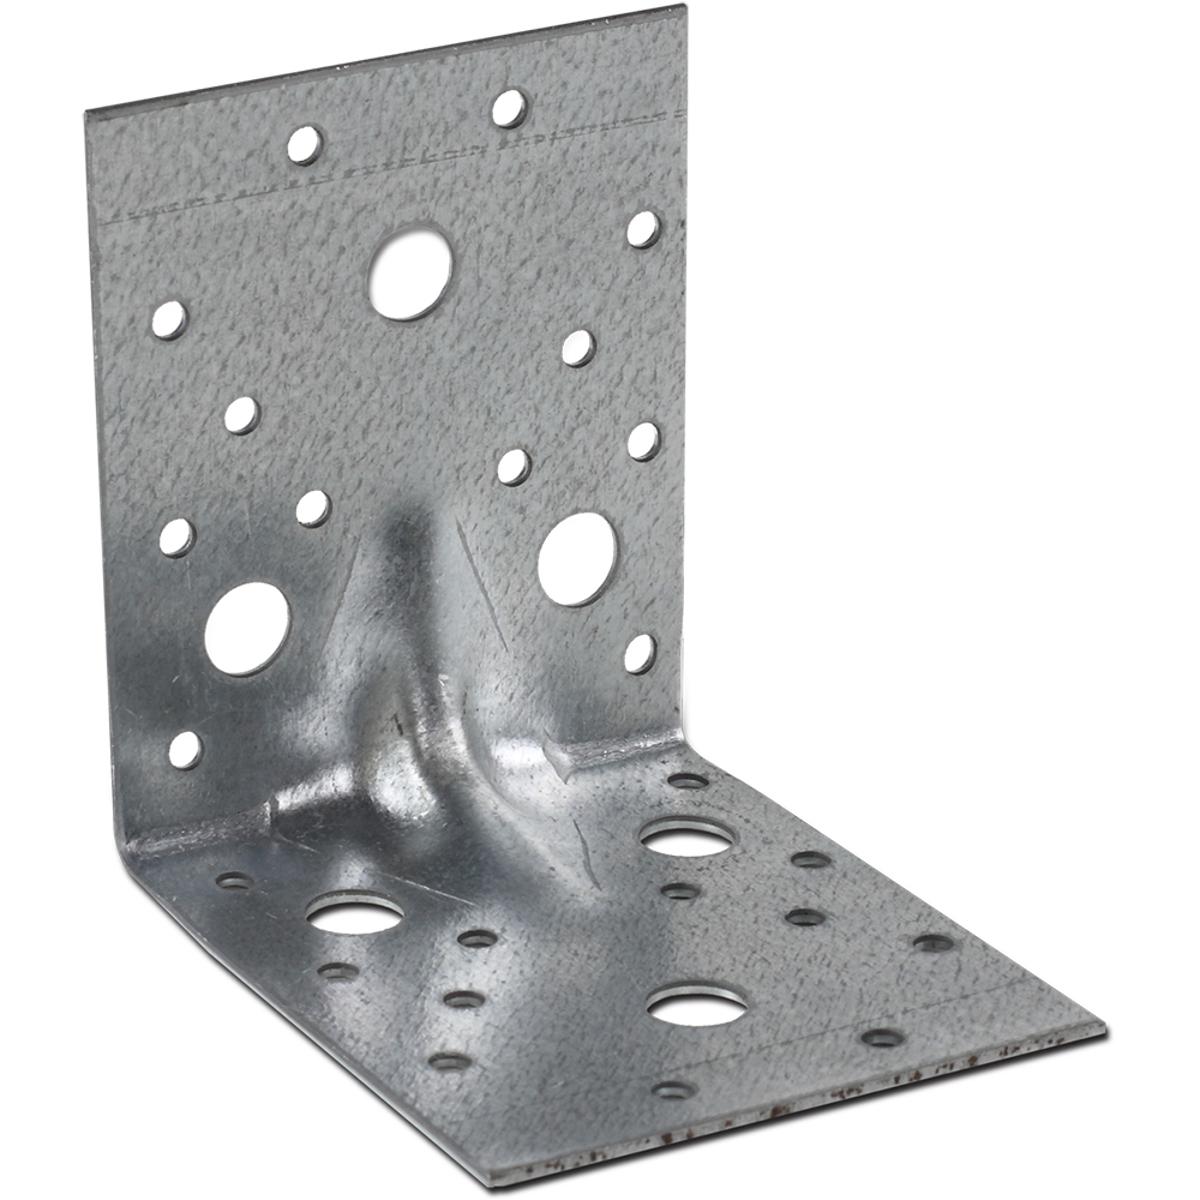 Крепежный уголок Госкрепеж, усиленный, 70 х 70 х 55 мм, 12 штКР.090821Уголок усиленный — крепежный уголок с штампованным ребром на сгибе. Уголок усиленный применяется в коттеджном домостроении, в монтажных и общестроительных работах. Уголок имеет одно ребро жесткости. Уголок усиленный ребром жесткости надежен при организации кровельных, фасадных и прочих стропильных систем. Уголок имеет отверстия под саморезы и болты, диаметром пять и тринадцать миллиметров соответственно.